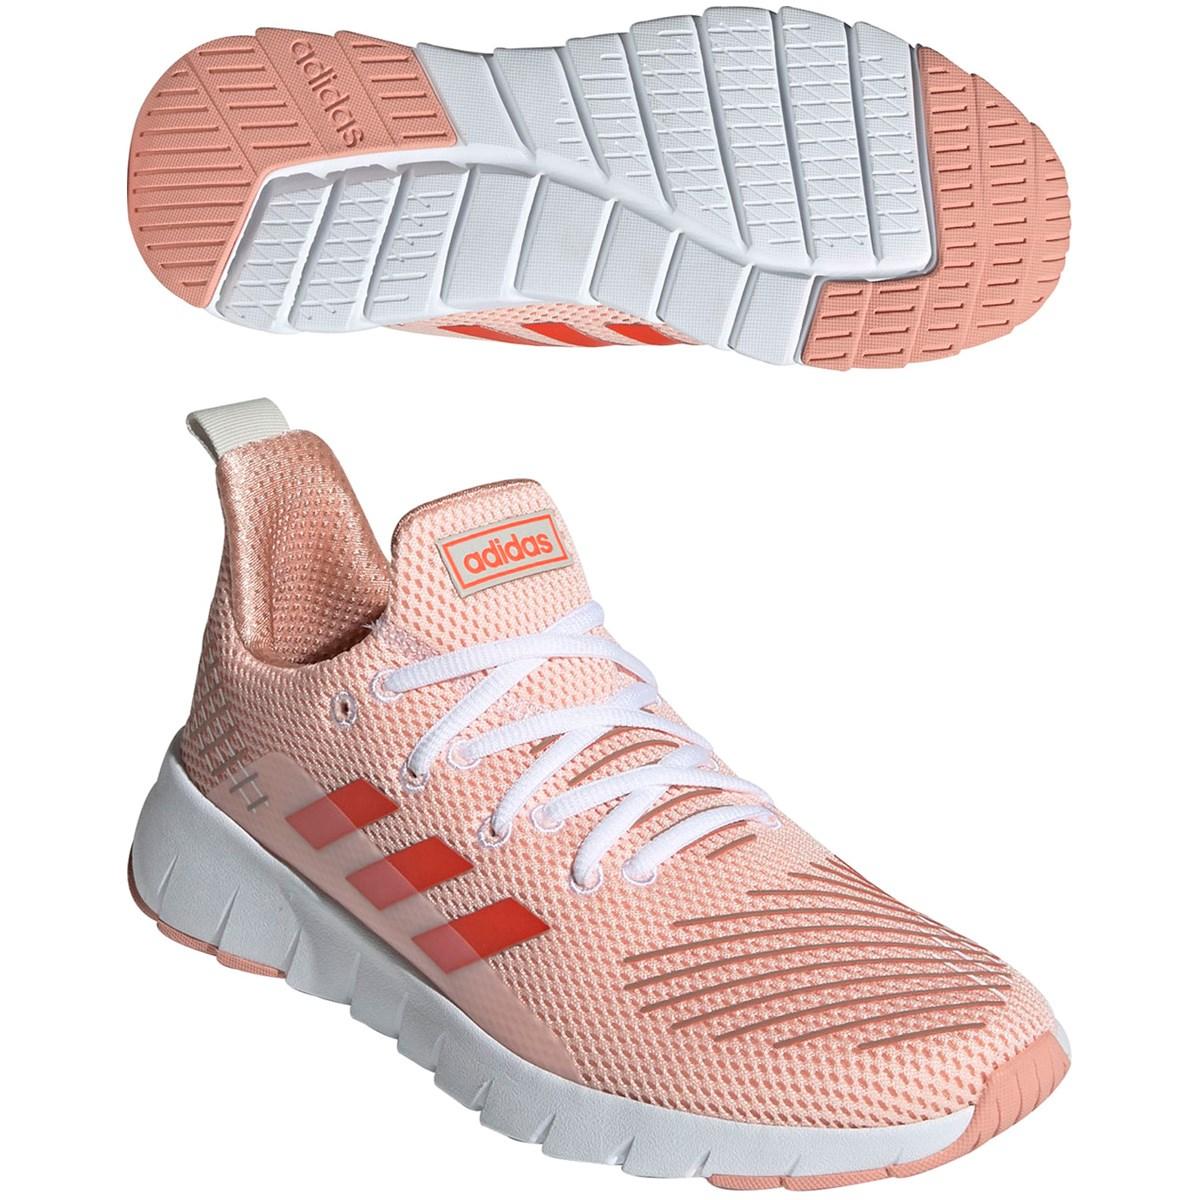 アディダス(adidas) OZWEEGO RUN W シューズレディス